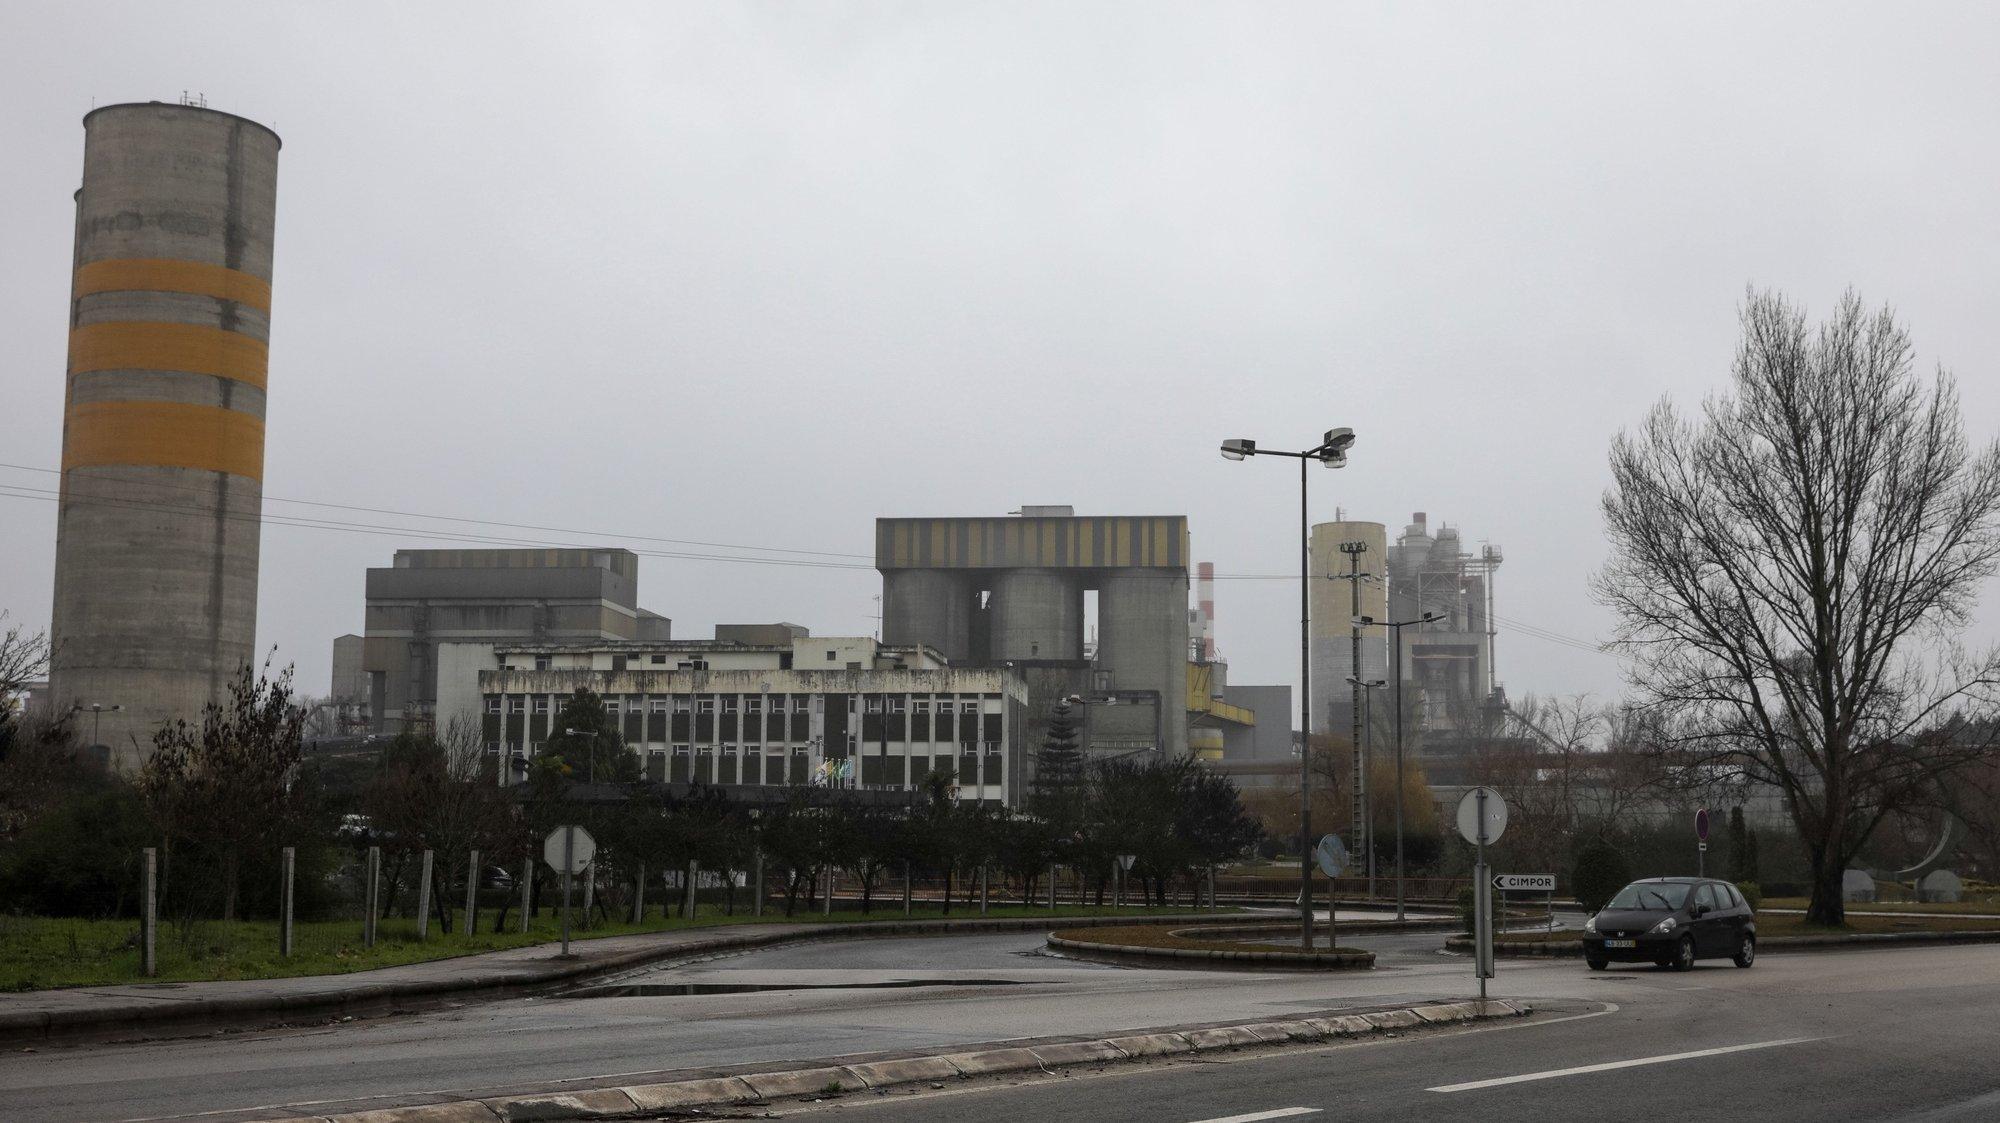 Centro de Produção da Cimpor de Souselas, onde há 10 anos começou o processo de coincineração de resíduos, Souselas, 15 de fevereiro de 2018. (ACOMPANHA TEXTO DE 21/02/2018) PAULO NOVAIS/LUSA